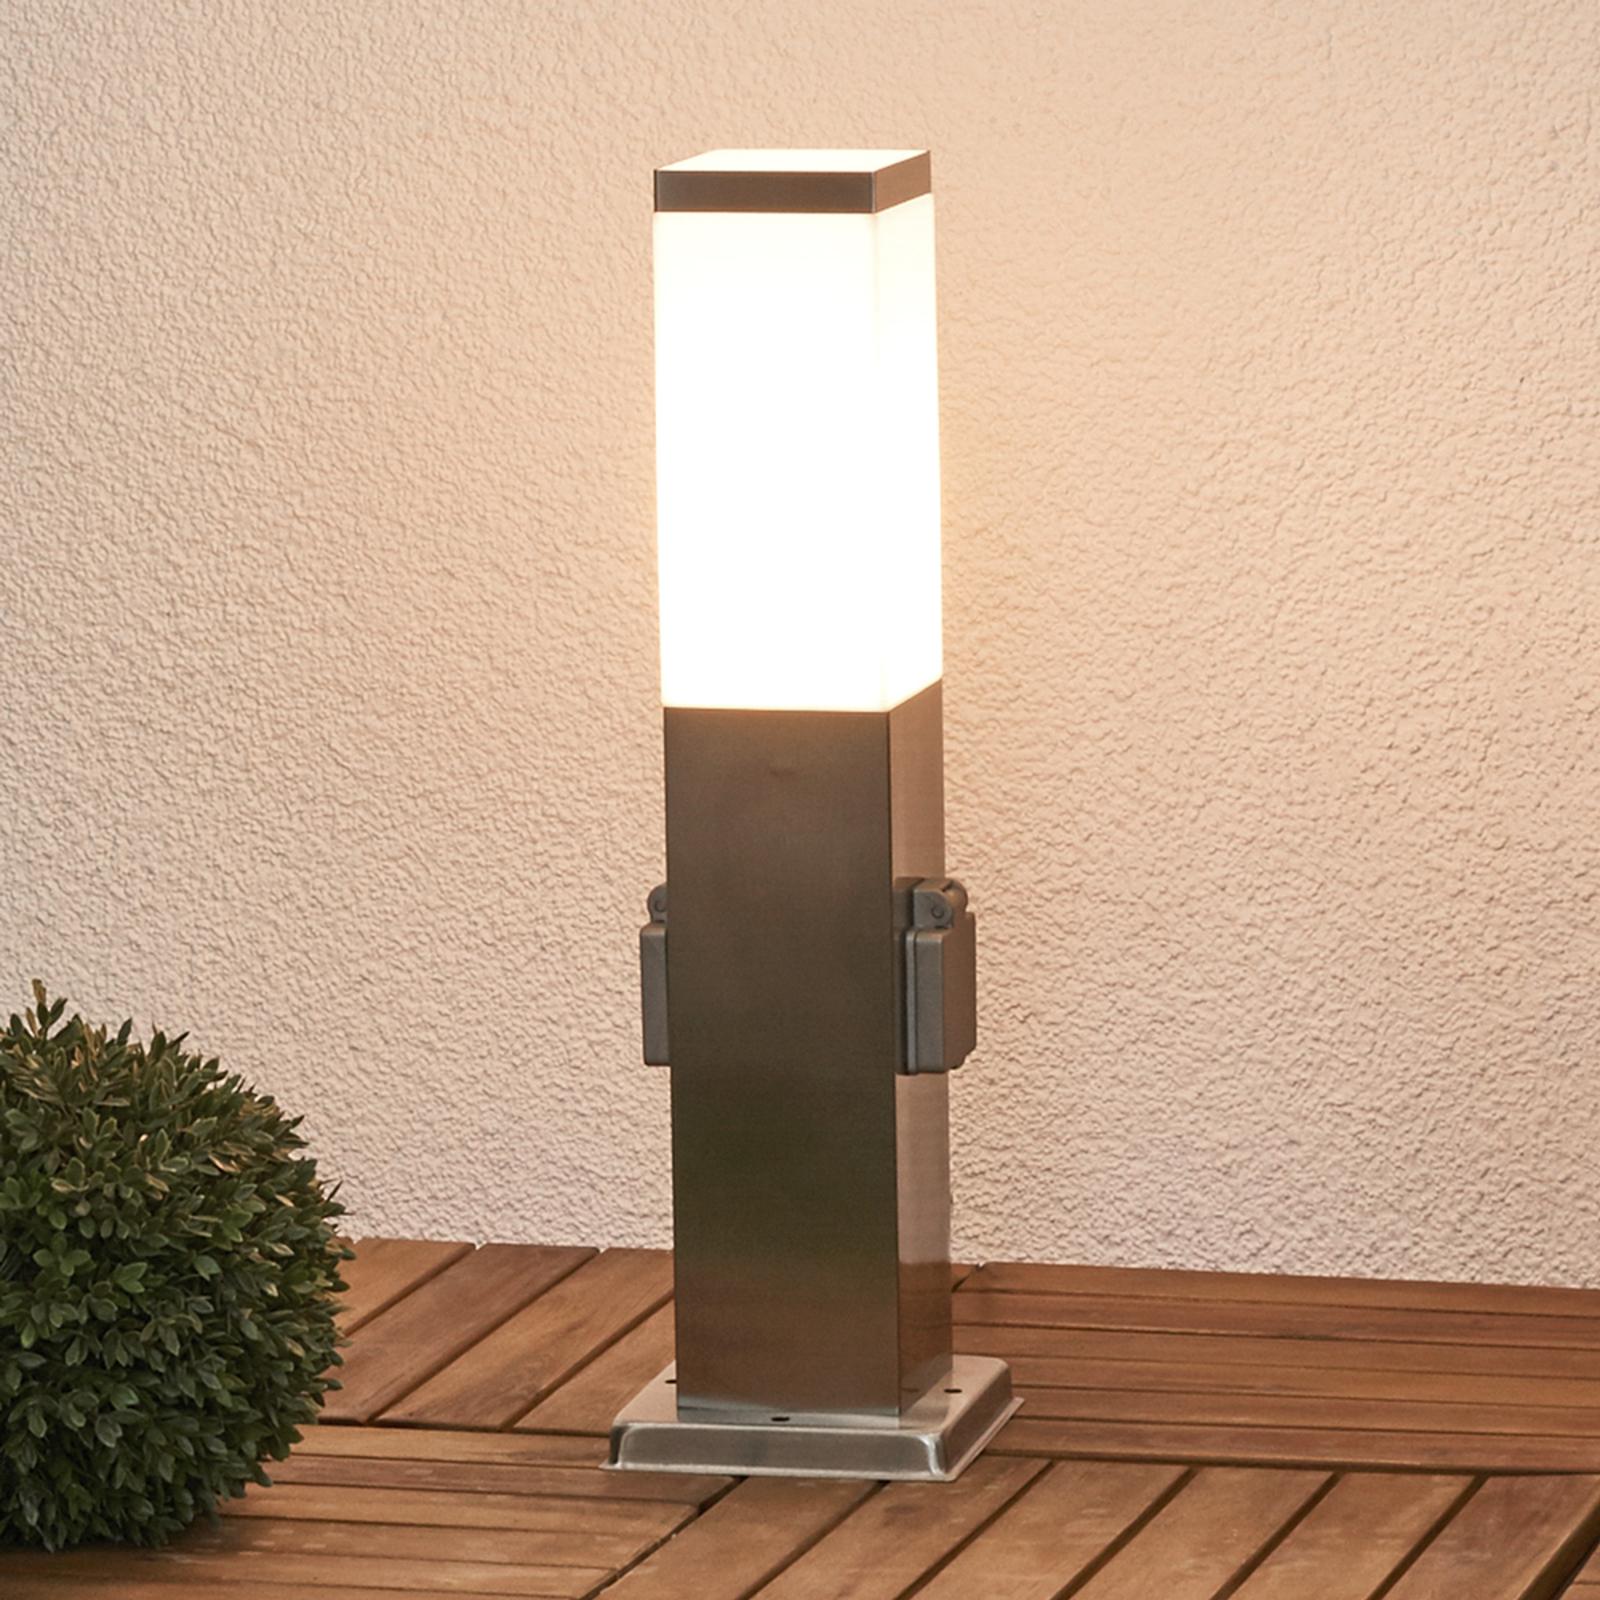 Lorian-sähkötolppa valaistuksella